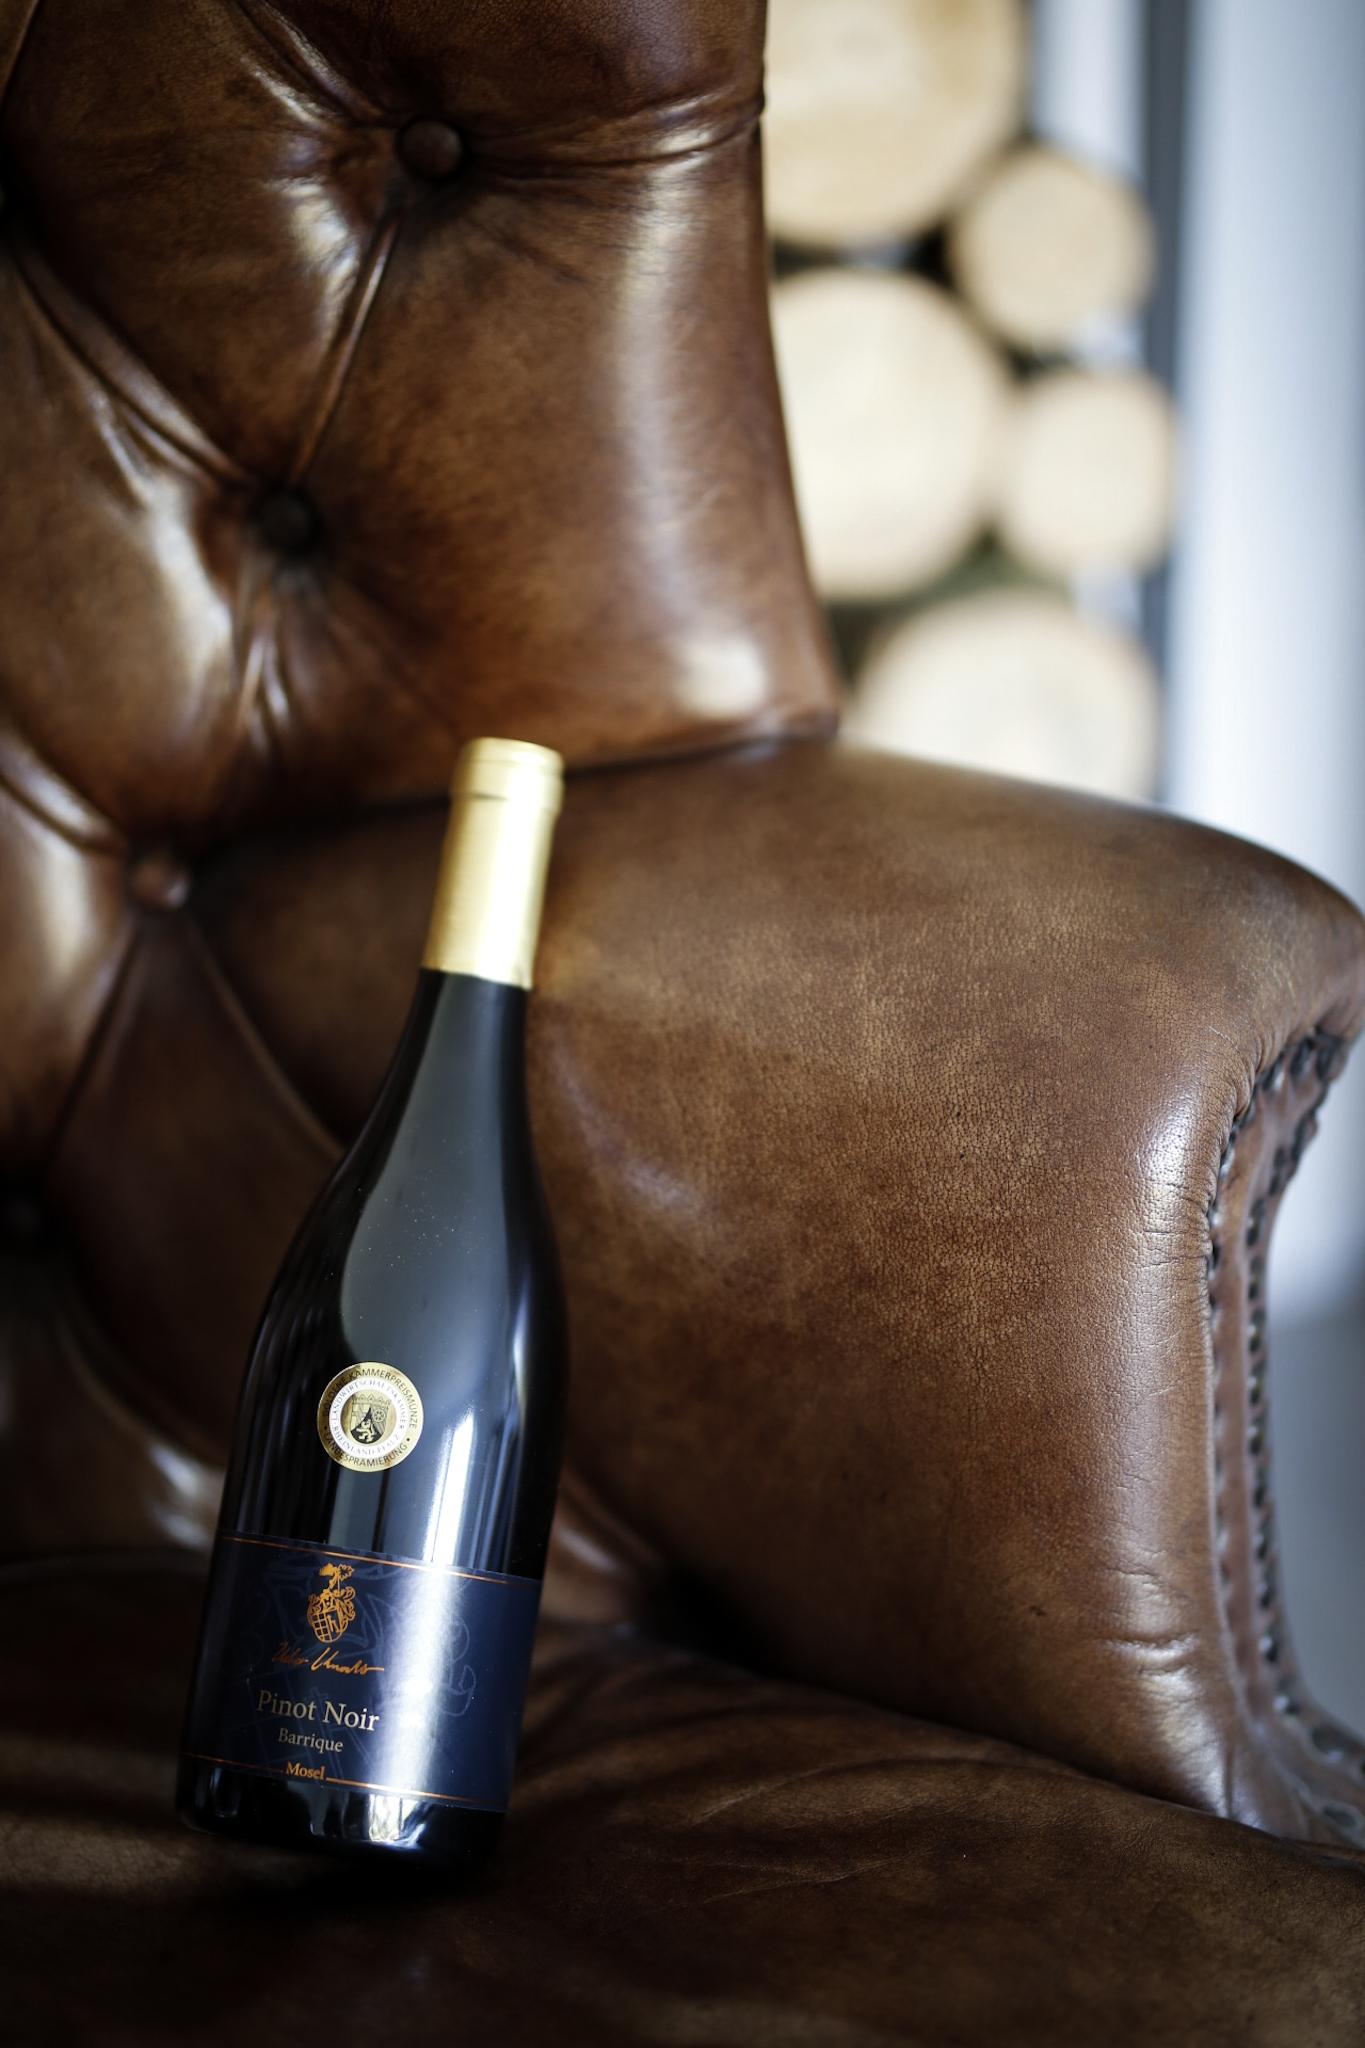 Pinot Noir Mosel Wein Rotwein